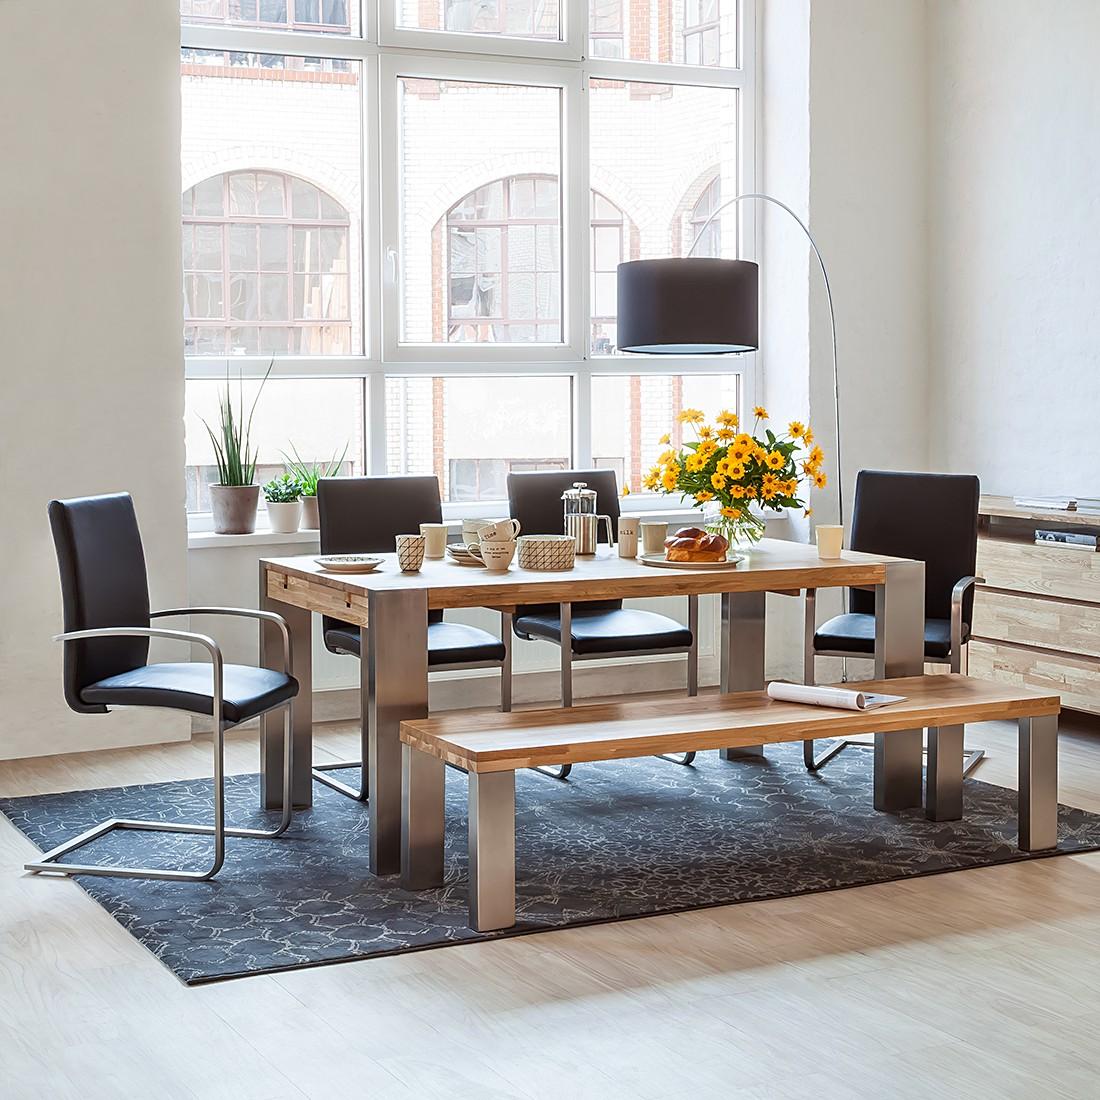 home24 Freischwinger Augusta I (2er-Set) | Küche und Esszimmer > Stühle und Hocker > Freischwinger | Fredriks